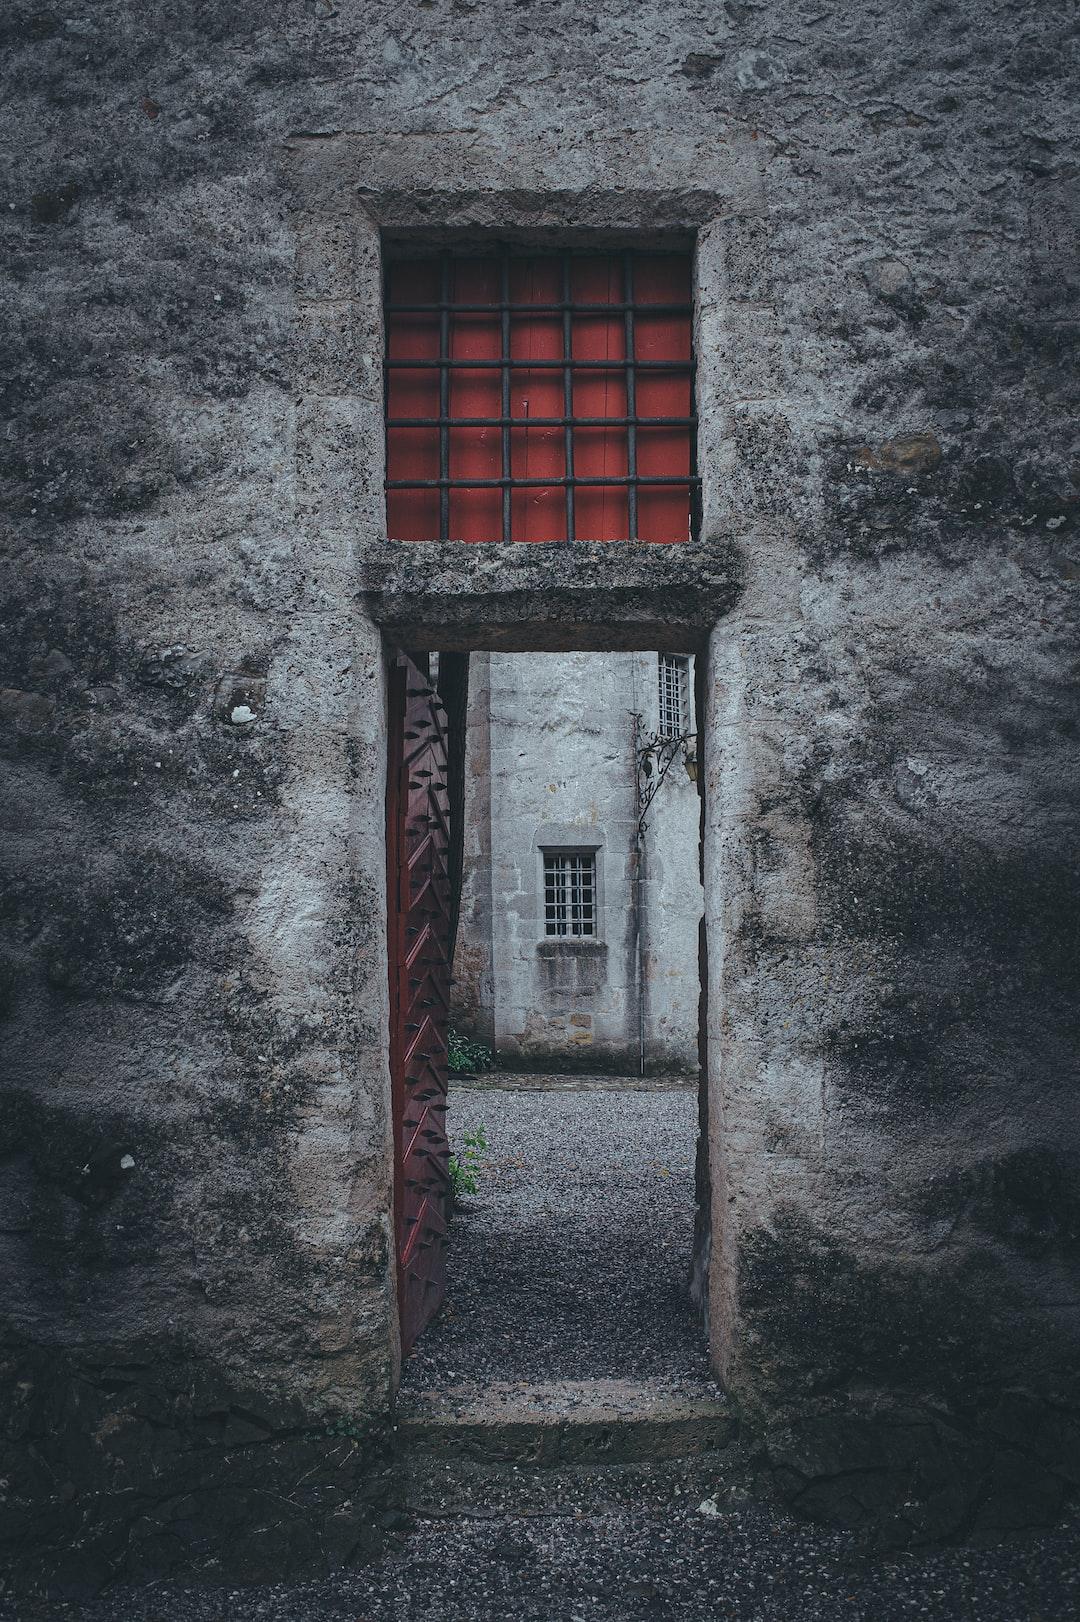 An open door in a medieval castle.